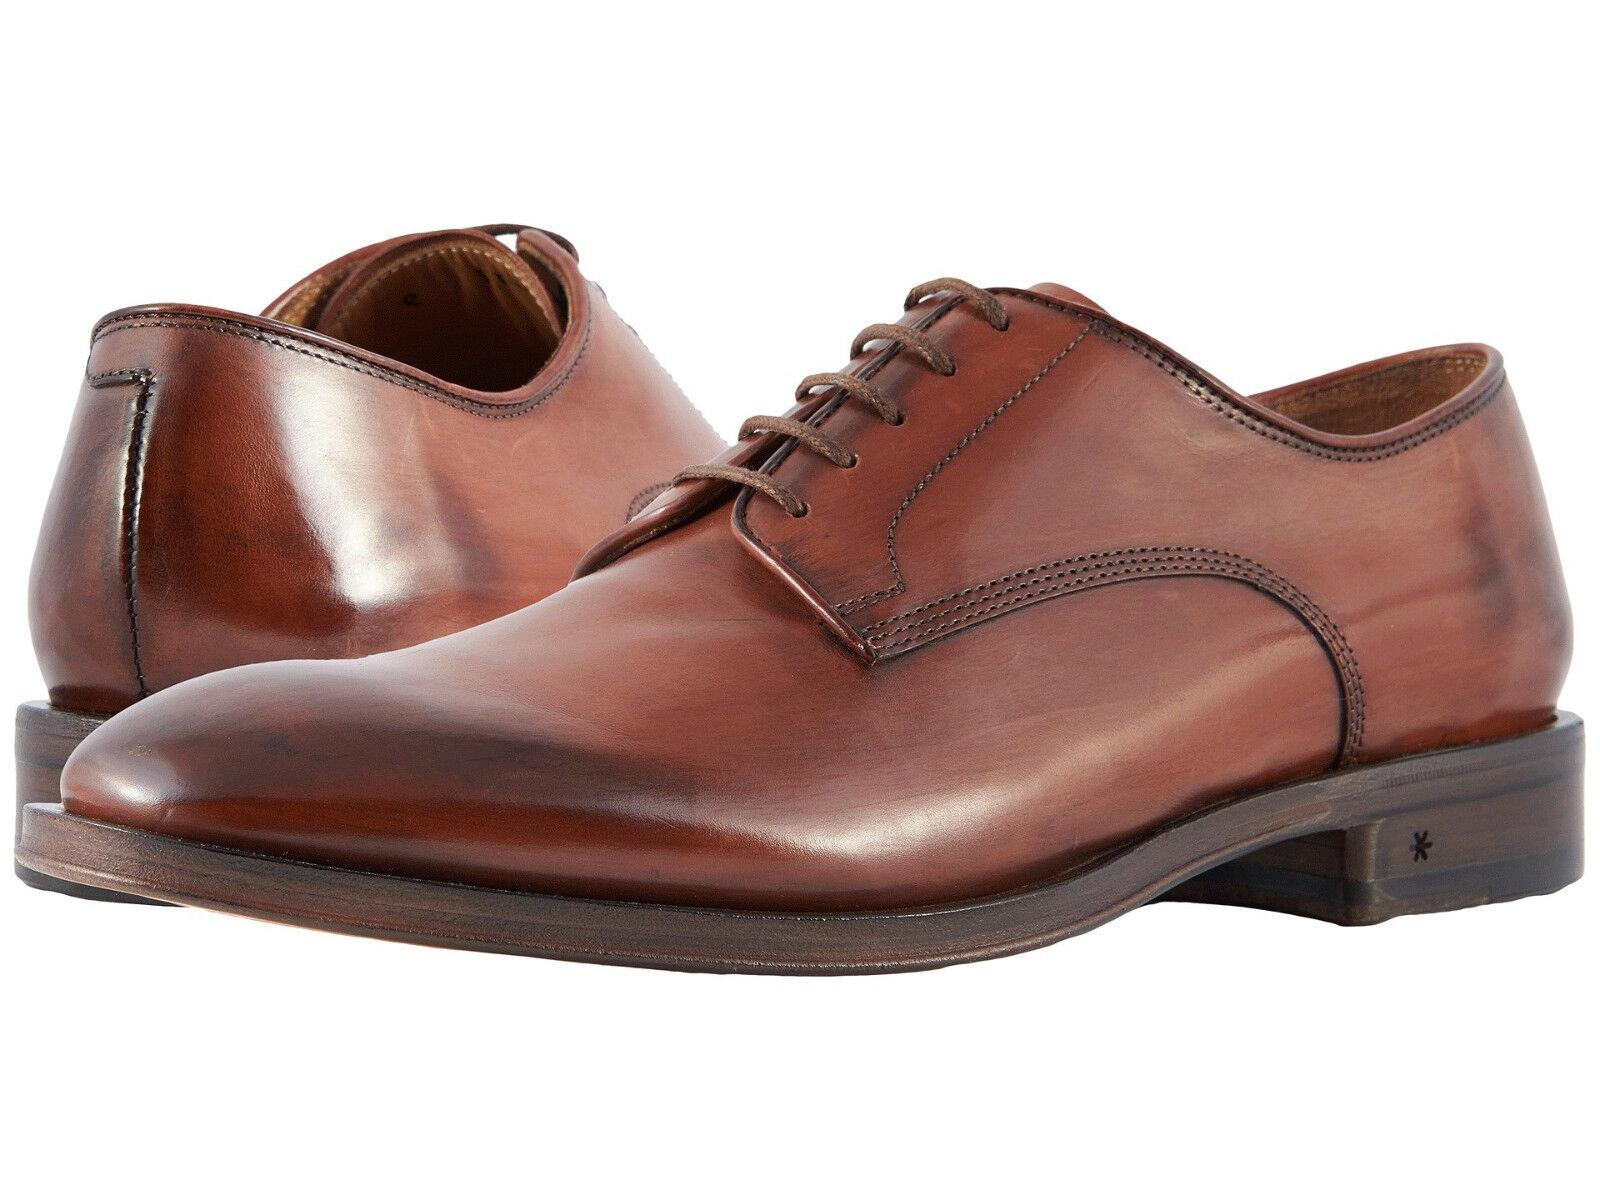 Allen Edmonds Mens Mens Mens Corsico Plain Toe Lace Up Casual Business Dress schuhe a42c62